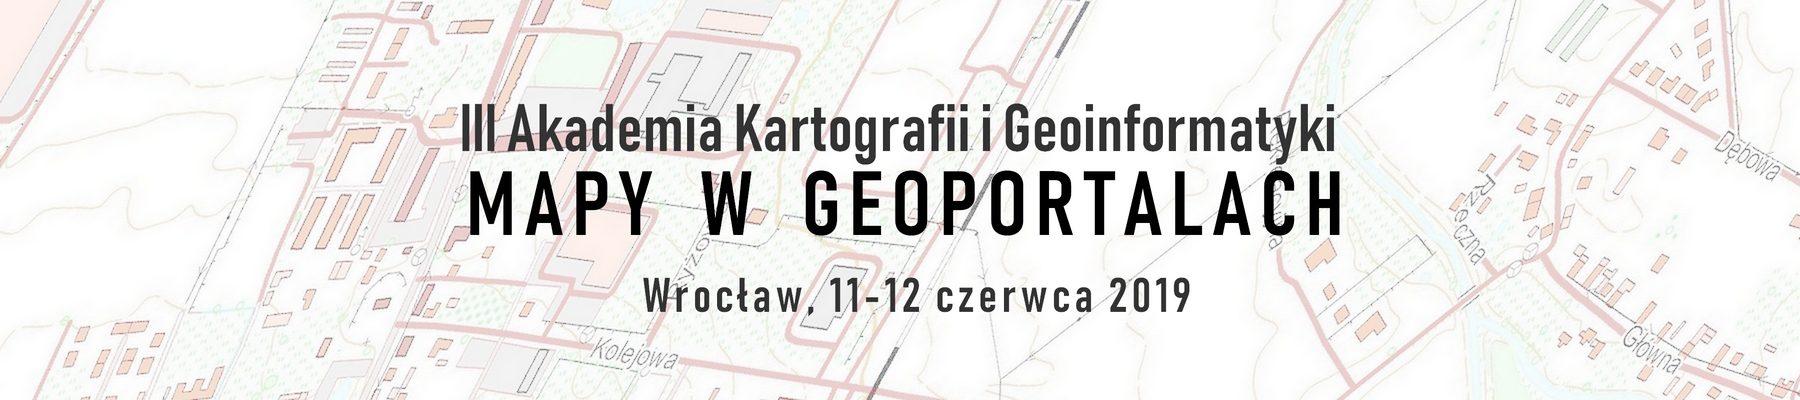 """Akademia Kartografii i Geoinformatyki """"Mapy w geoportalach"""""""